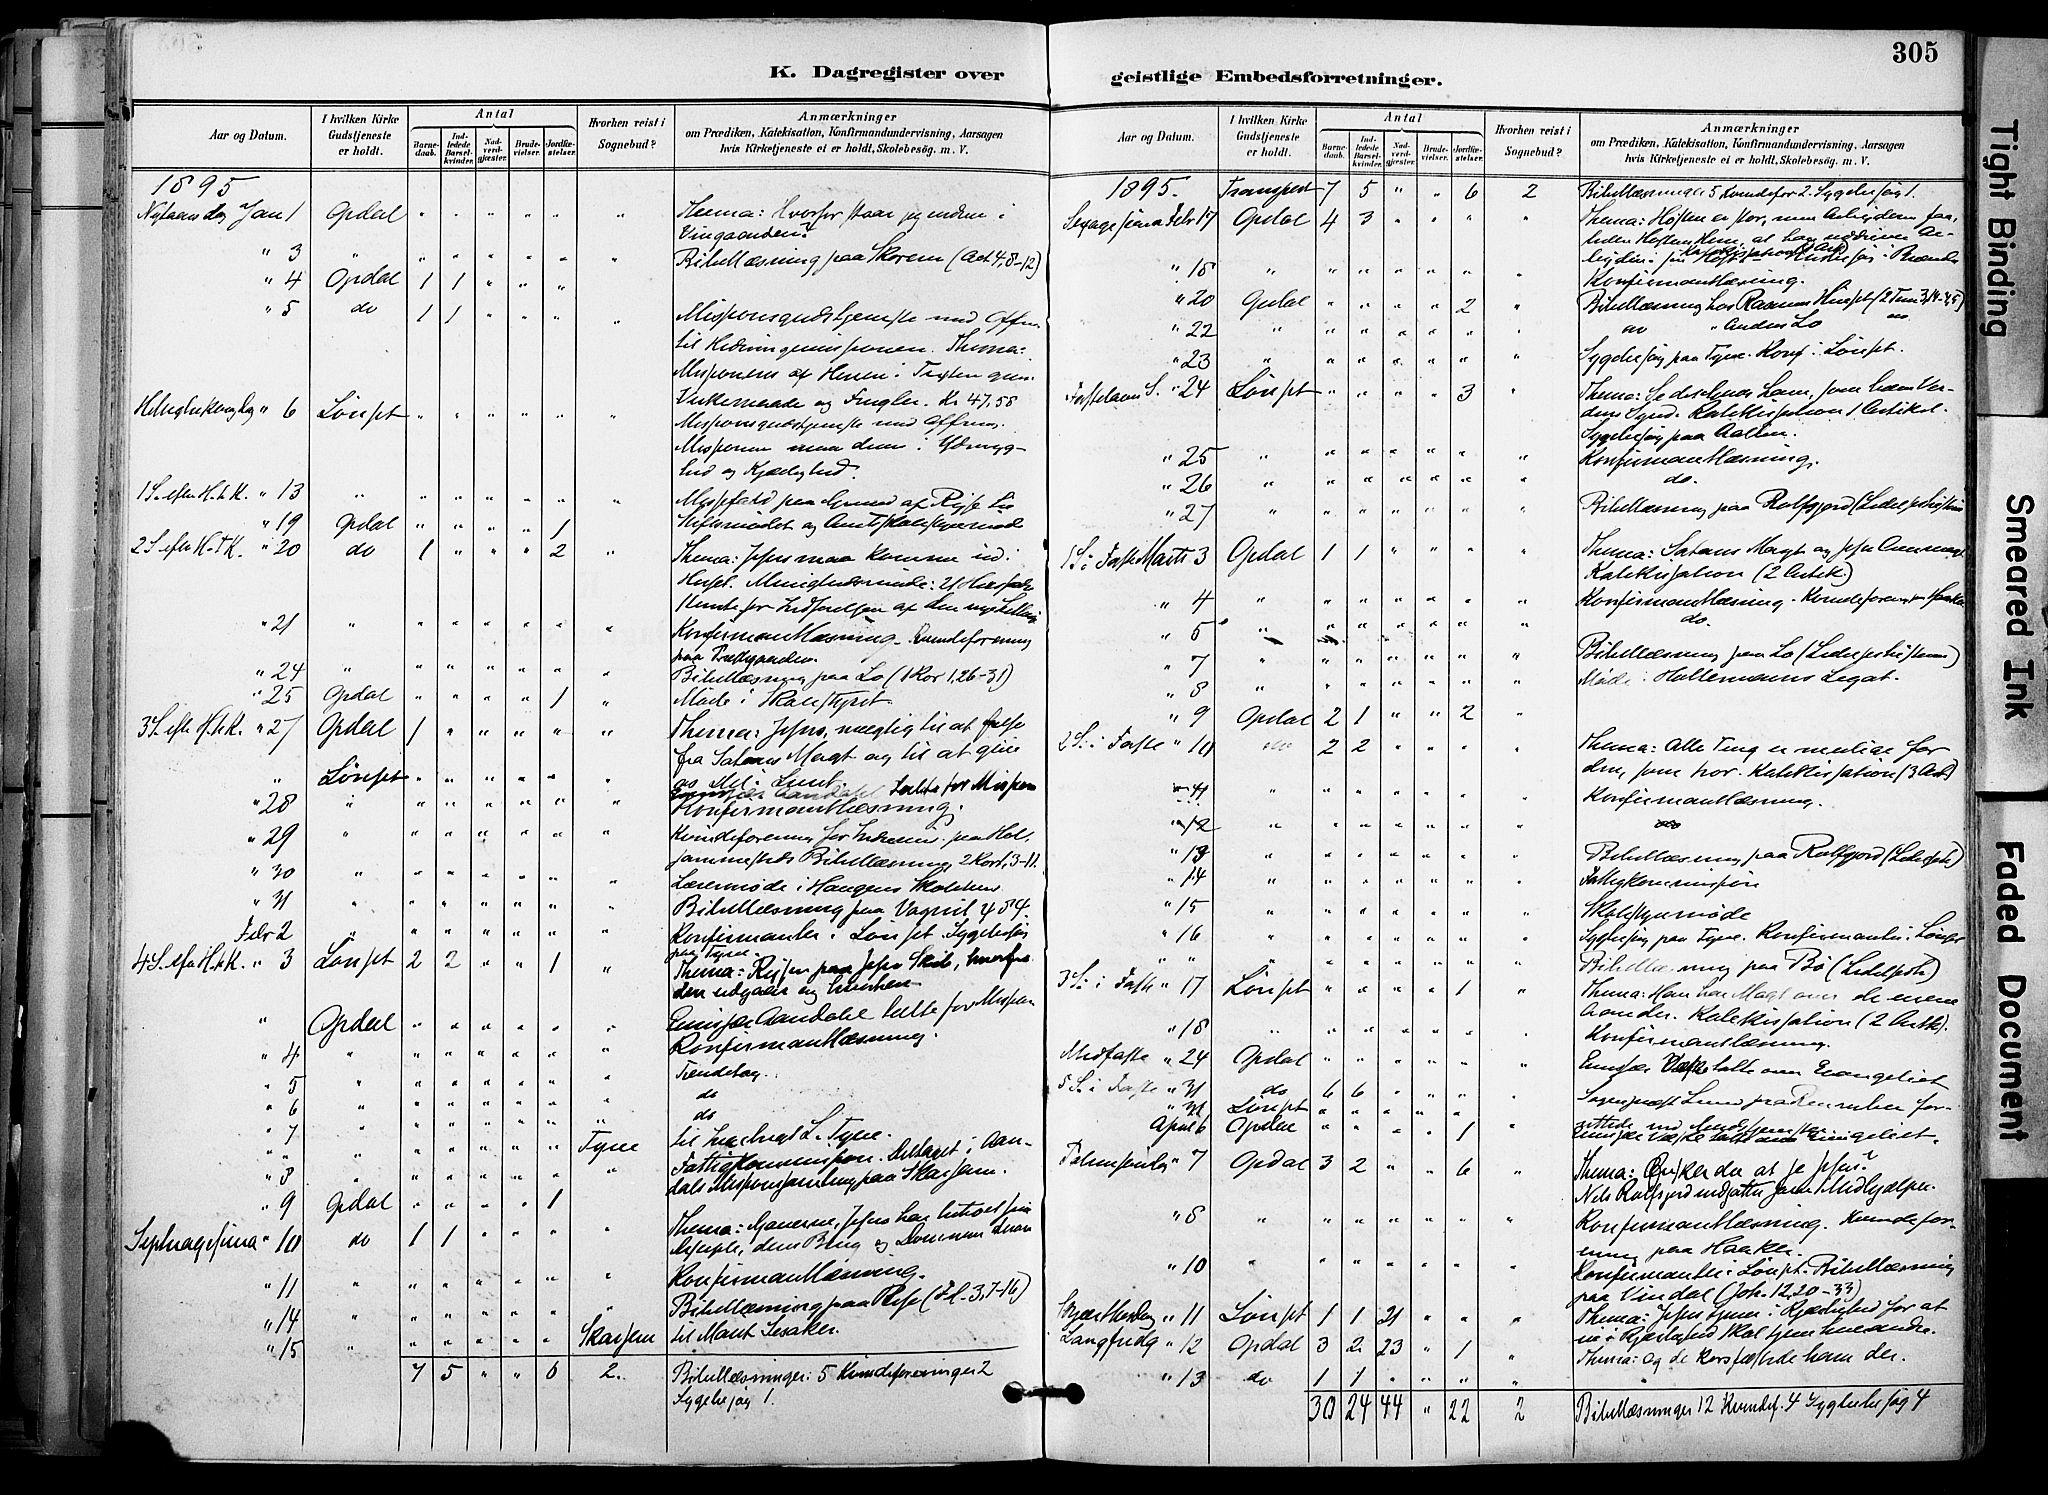 SAT, Ministerialprotokoller, klokkerbøker og fødselsregistre - Sør-Trøndelag, 678/L0902: Ministerialbok nr. 678A11, 1895-1911, s. 305